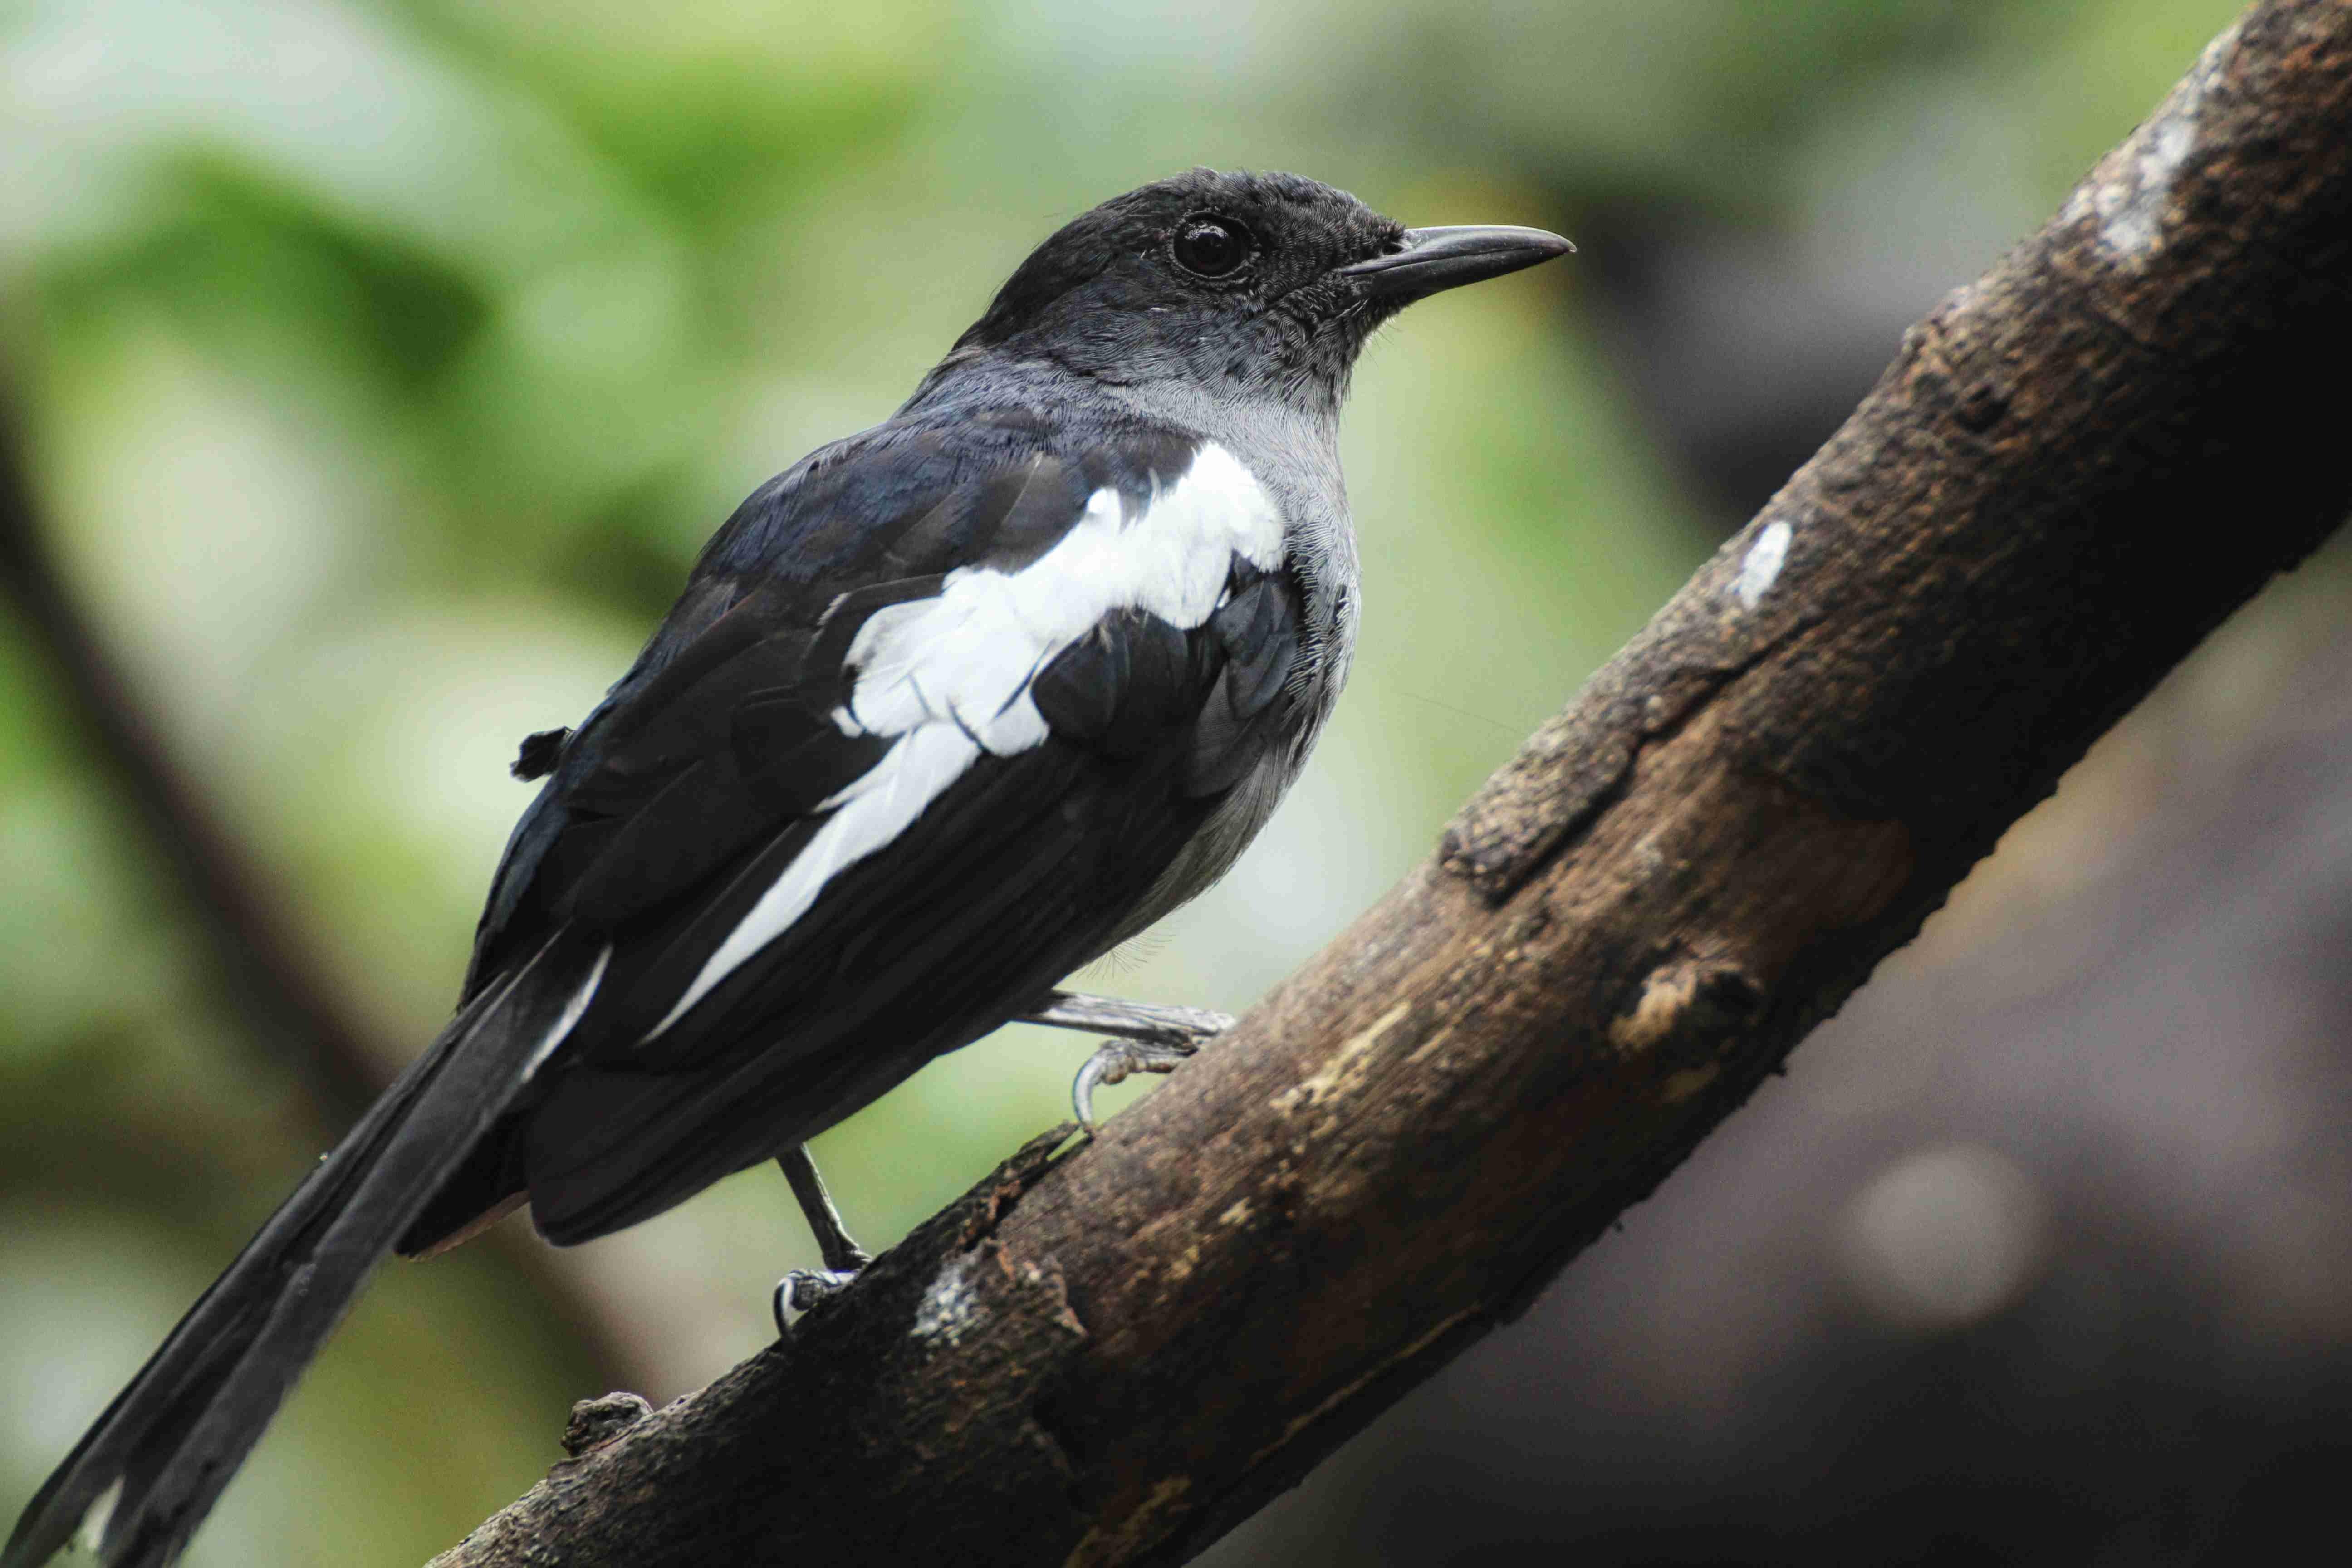 White-shouldered blackbird photo